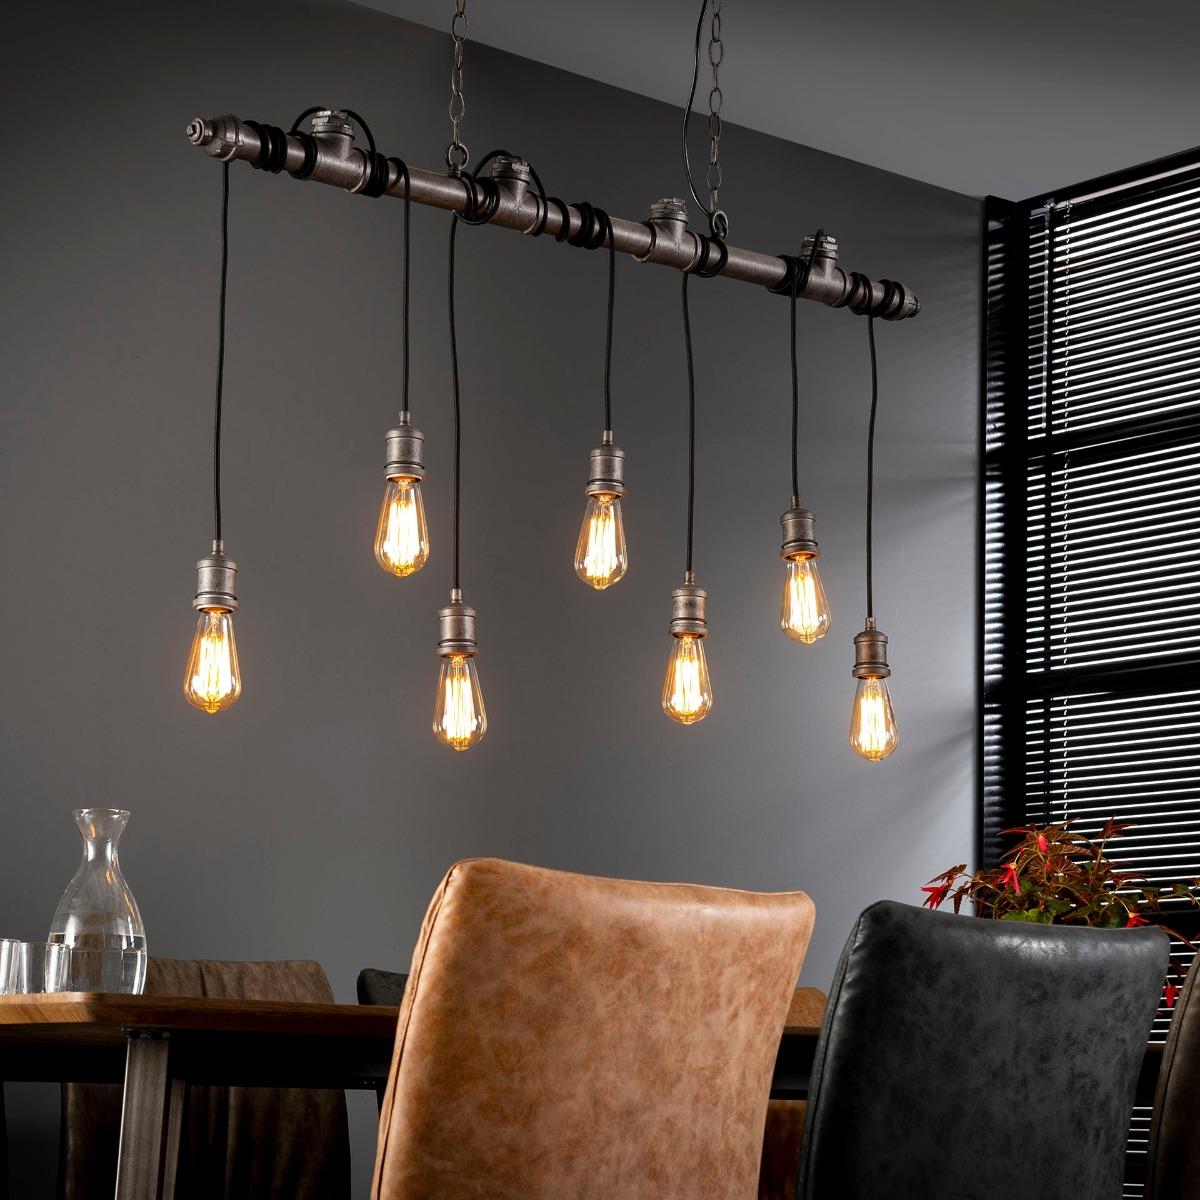 Industriële Hanglamp Wikkel | Oud zilver